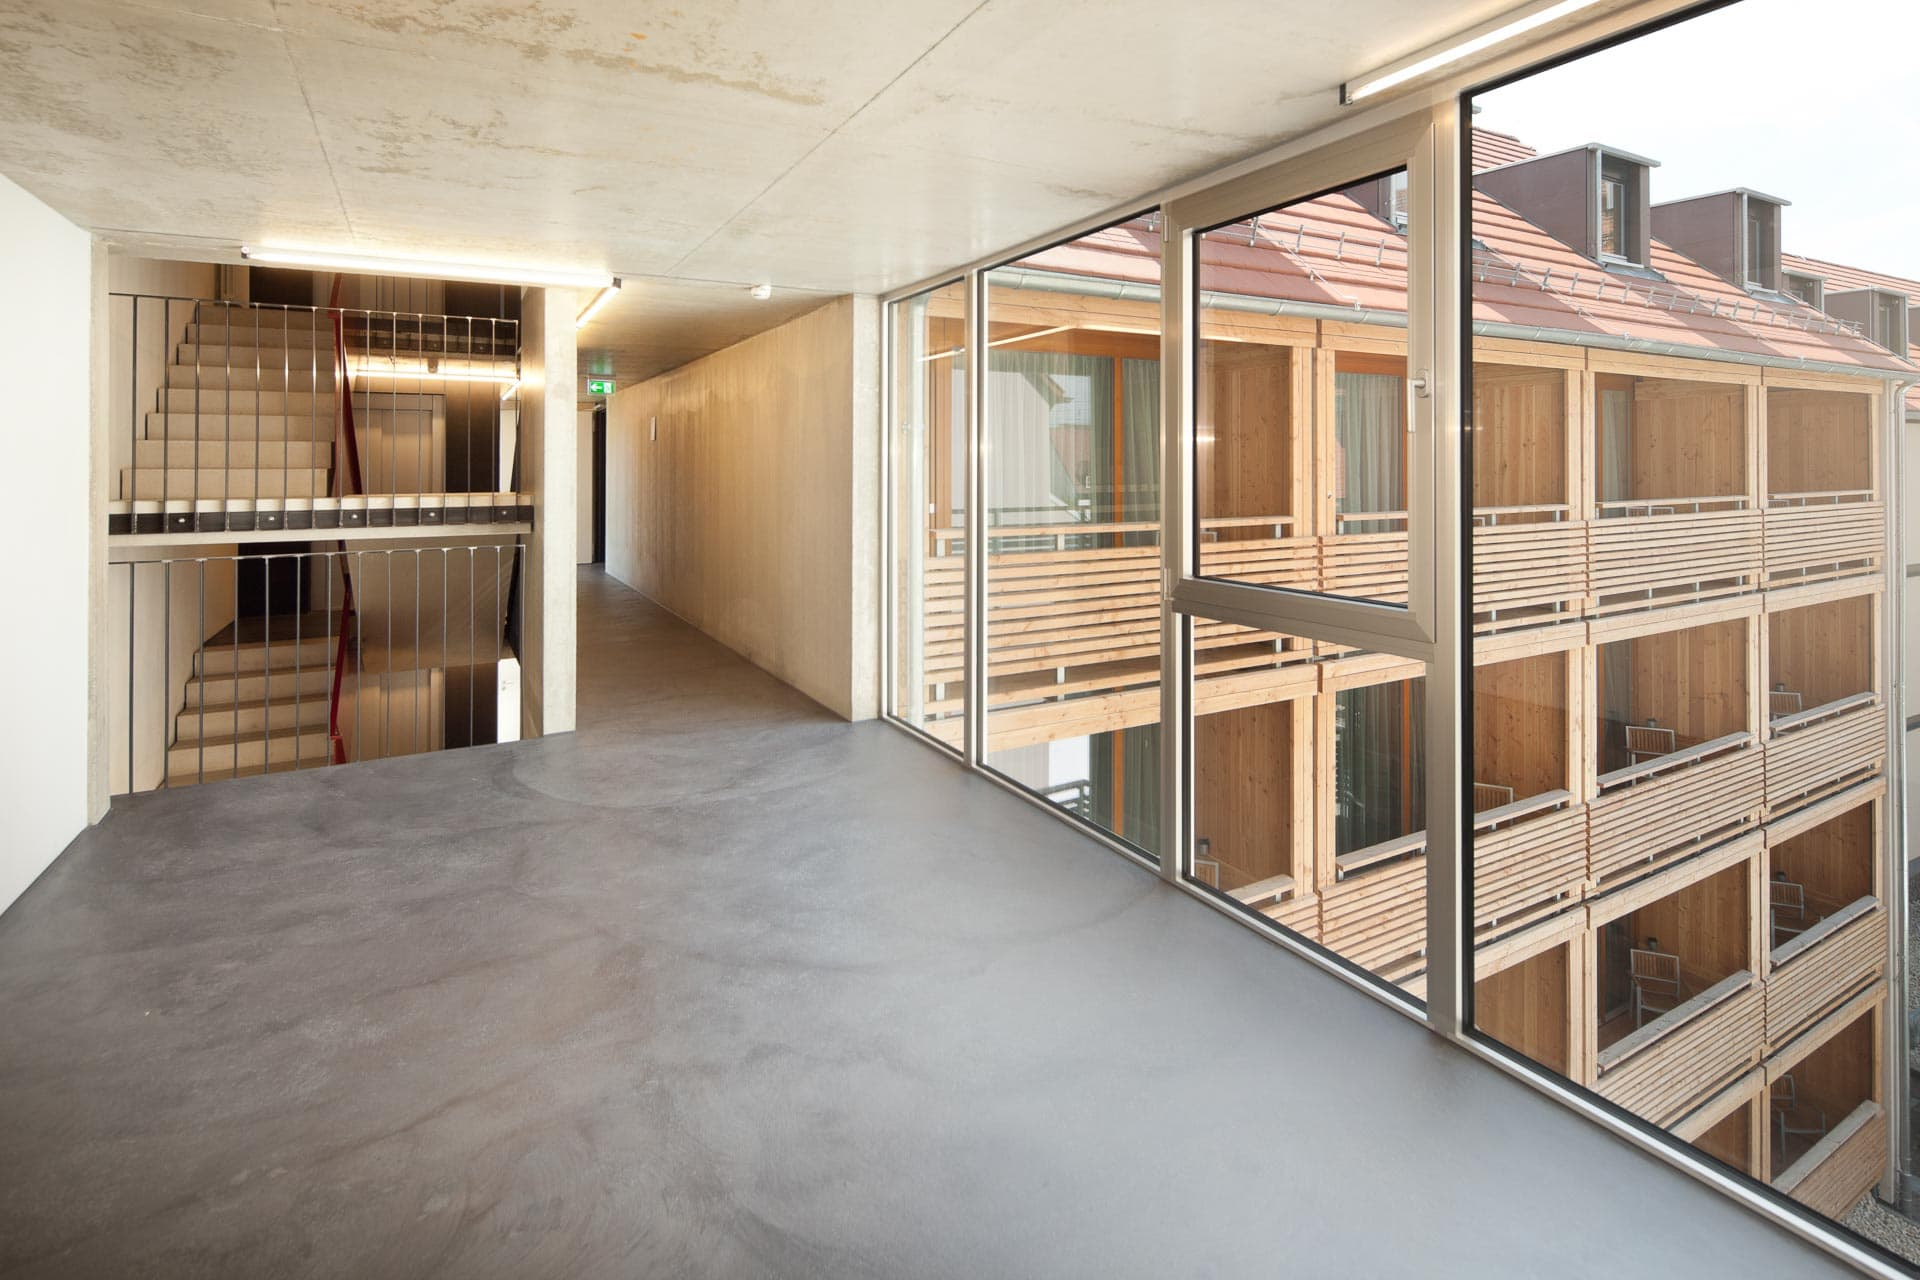 Hotelfotografie Schwanen Ehningen Süddeutschland Hotelfotografie: Korridor mit weiten Blicken im Hotel Schwanen in Ehningen an der Donau